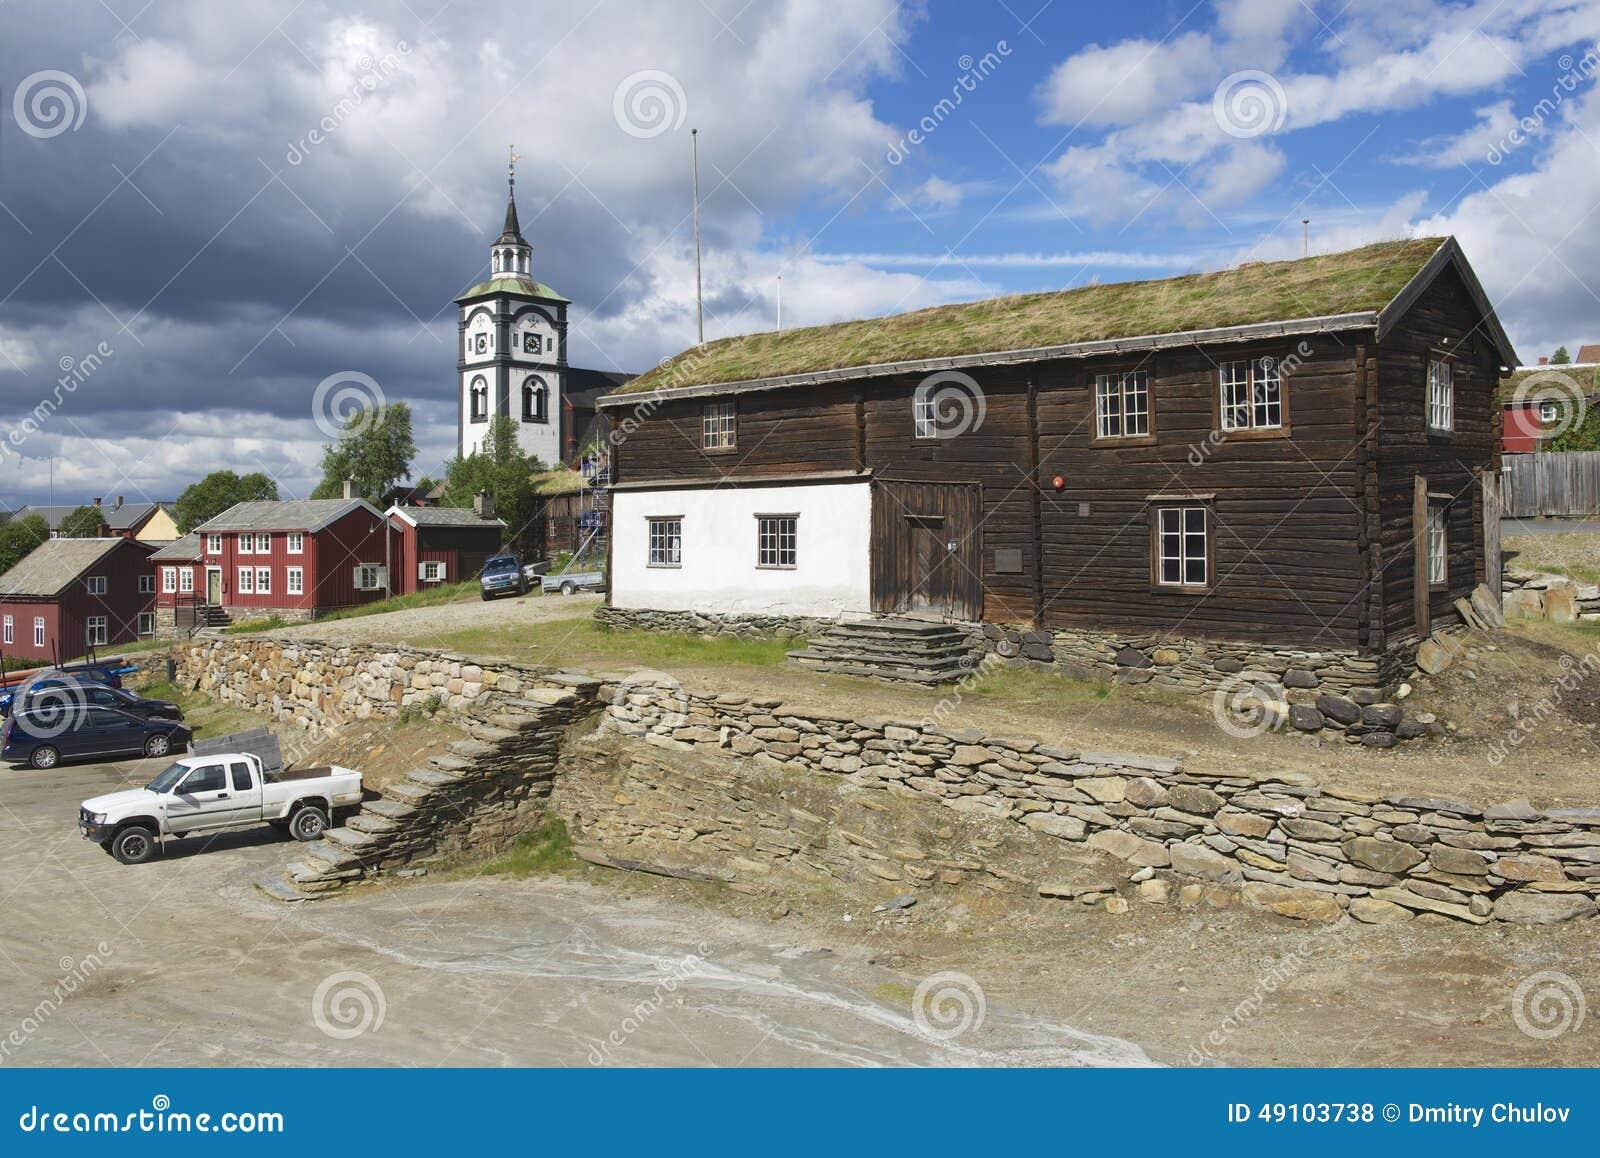 Traditionelle Häuser Und Kirchenglocketurm Der Kupferminestadt Von ...